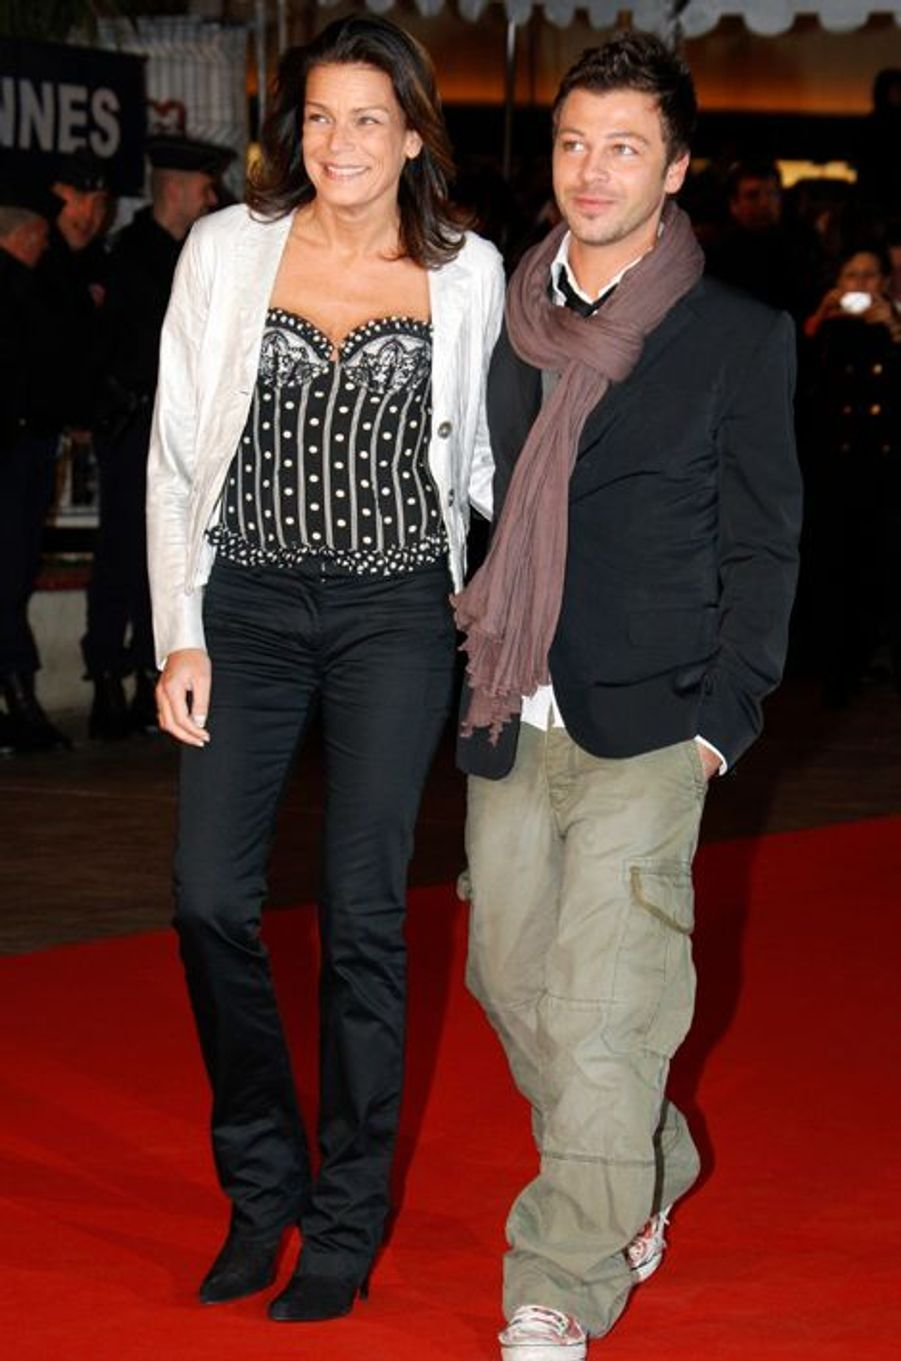 La princesse Stéphanie de Monaco le 26 janvier 2008, avec Christophe Maë